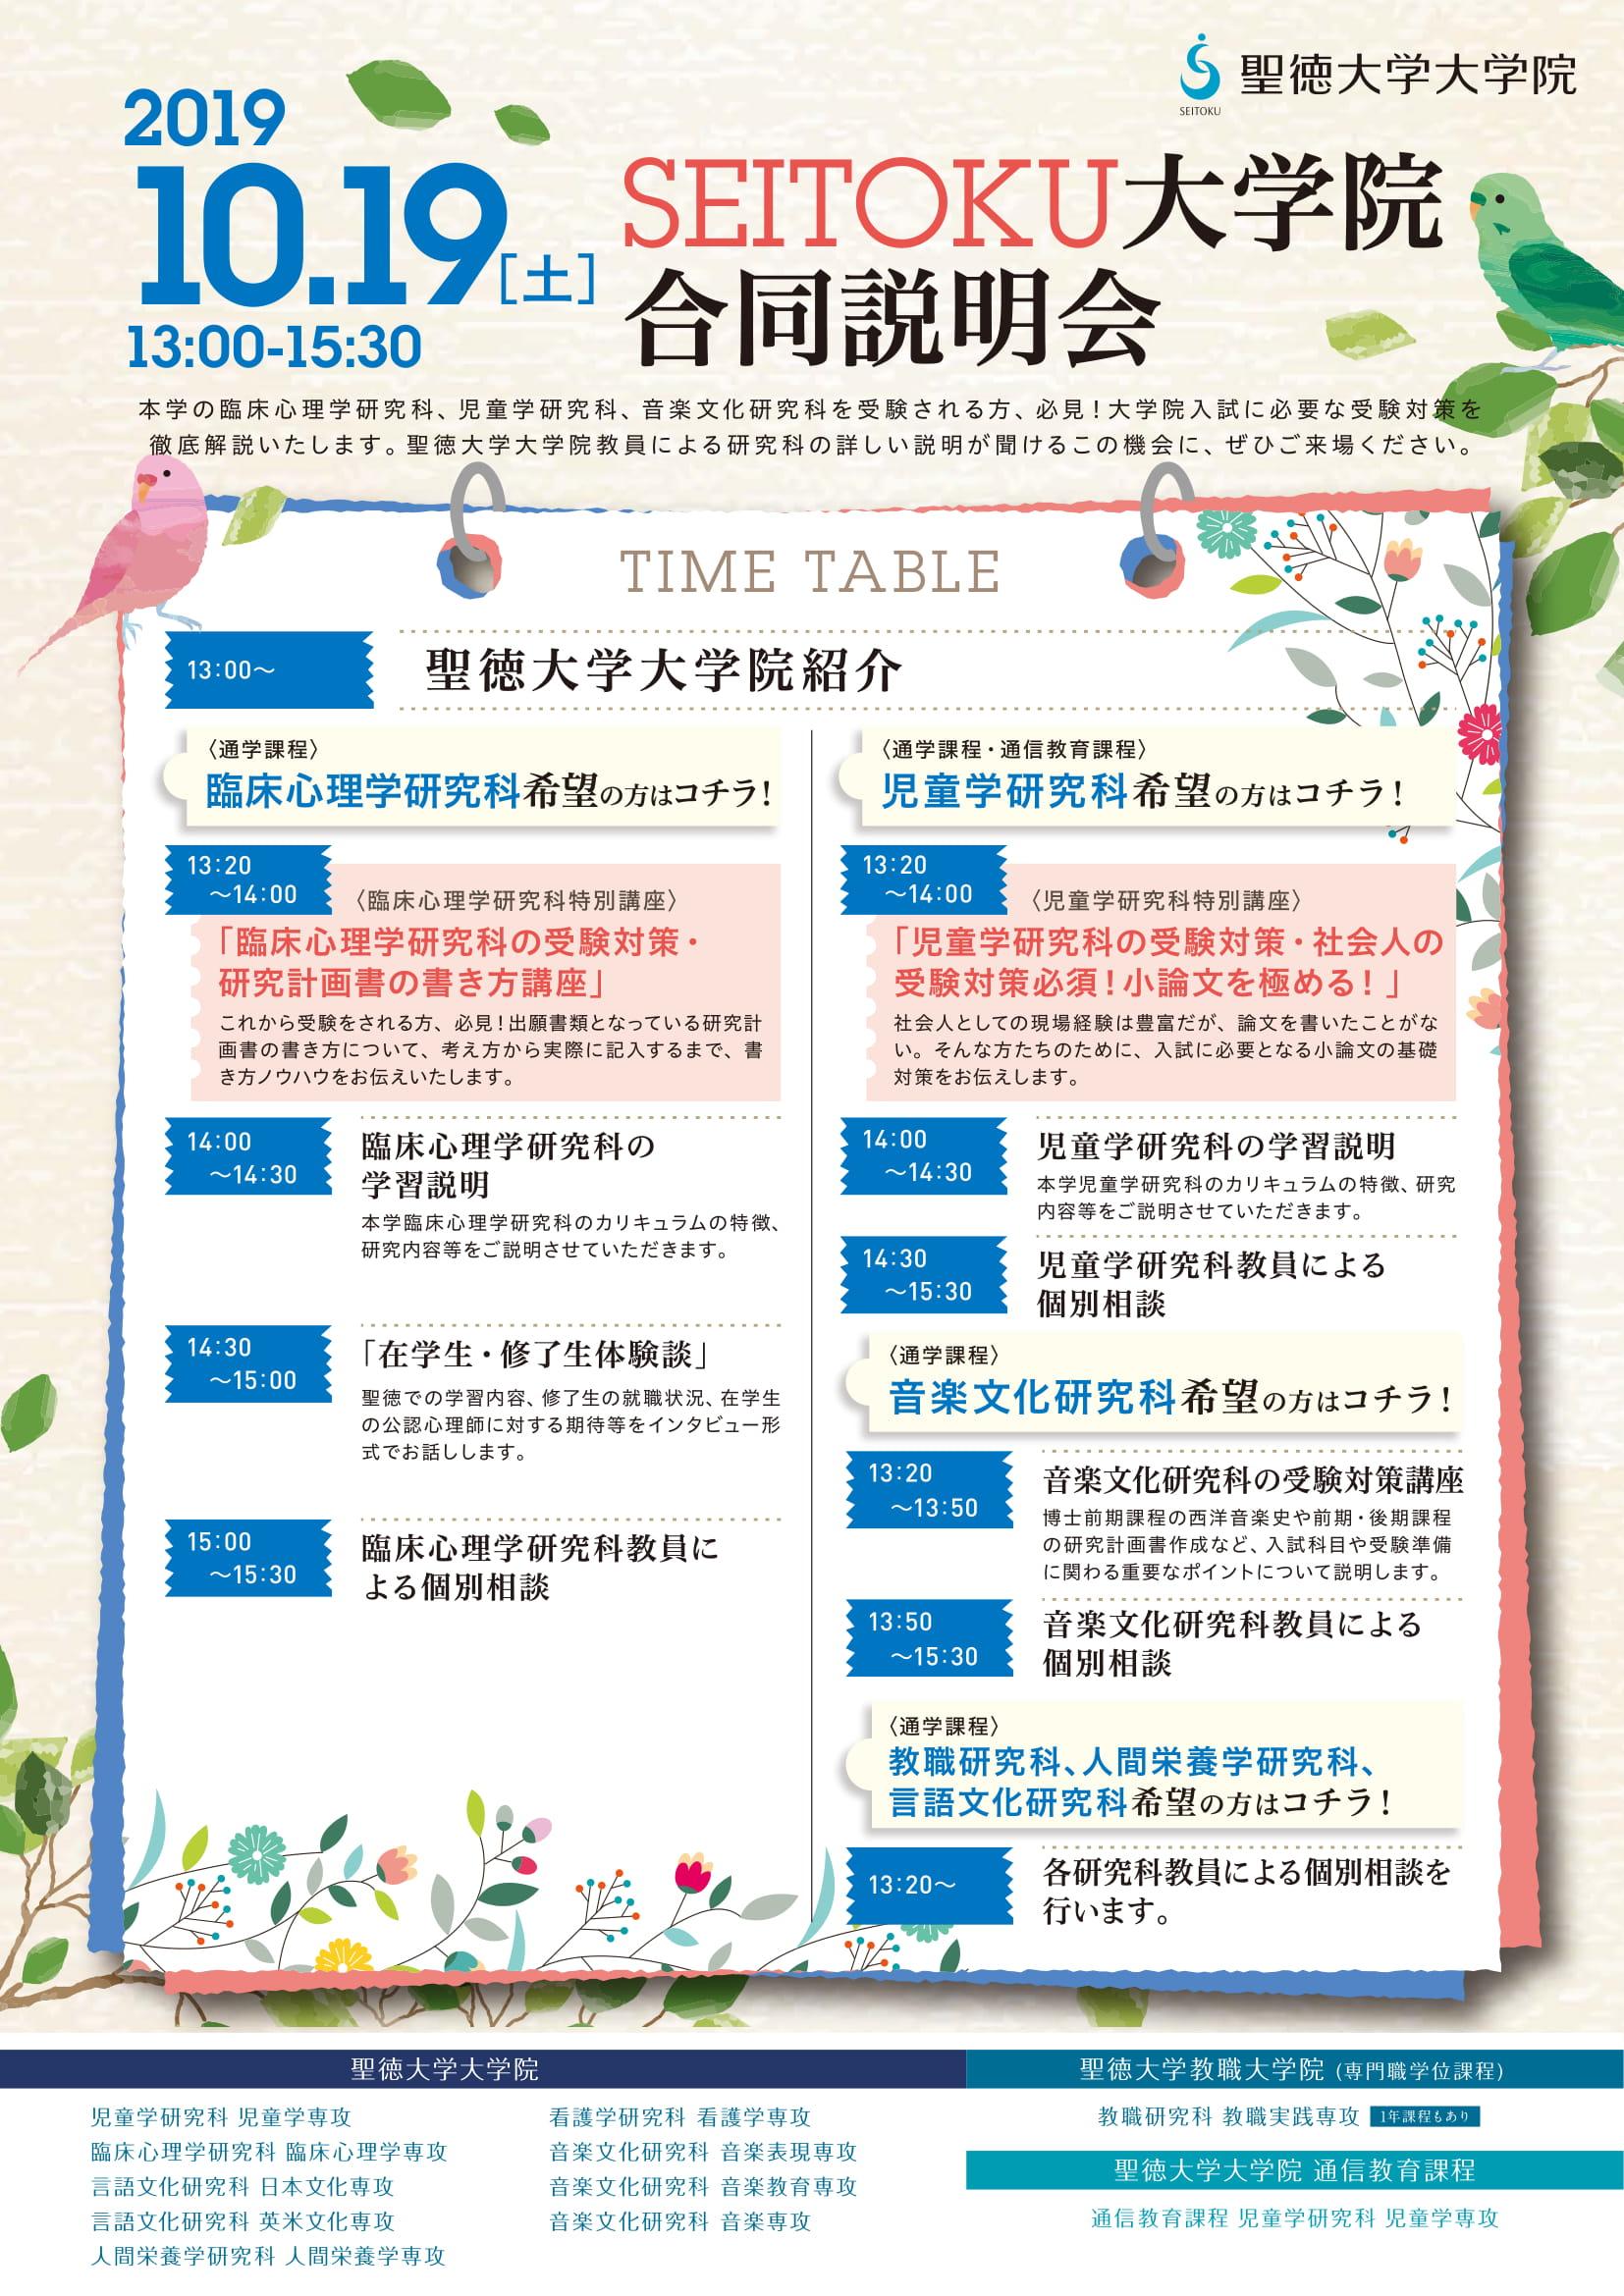 10月19日(土)、大学院説明会を開催します